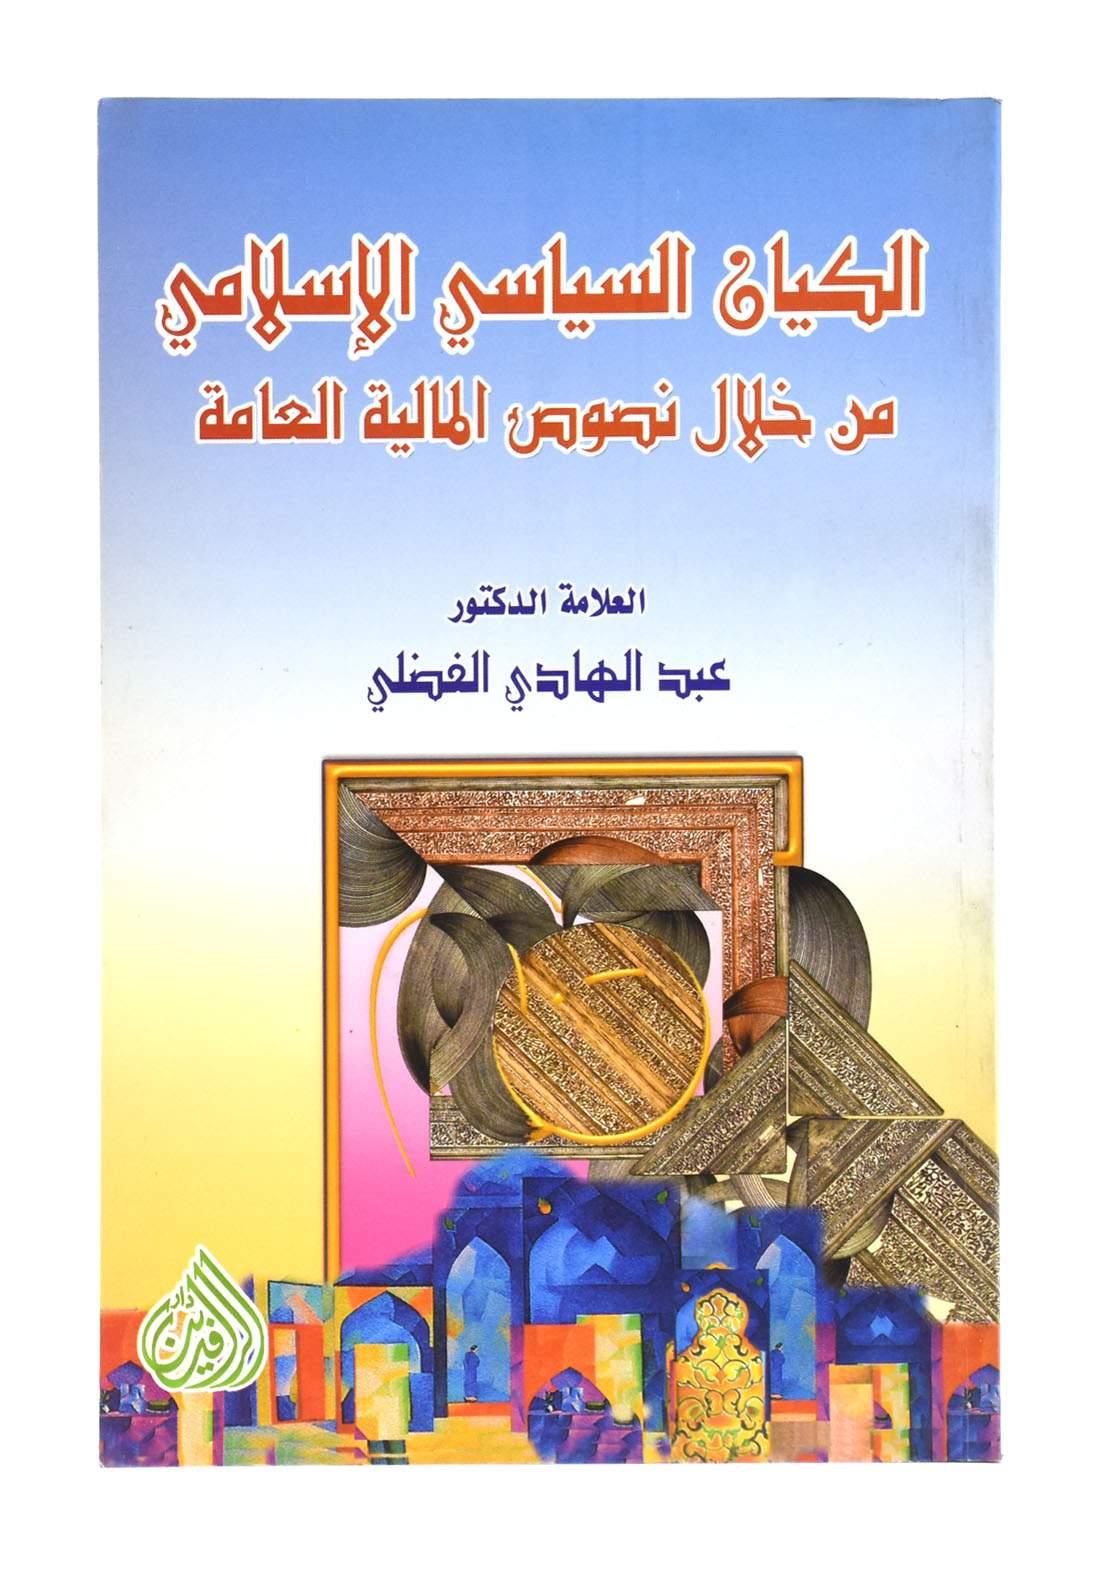 الكيان السياسي الإسلامي من خلال نصوص المالية العامة